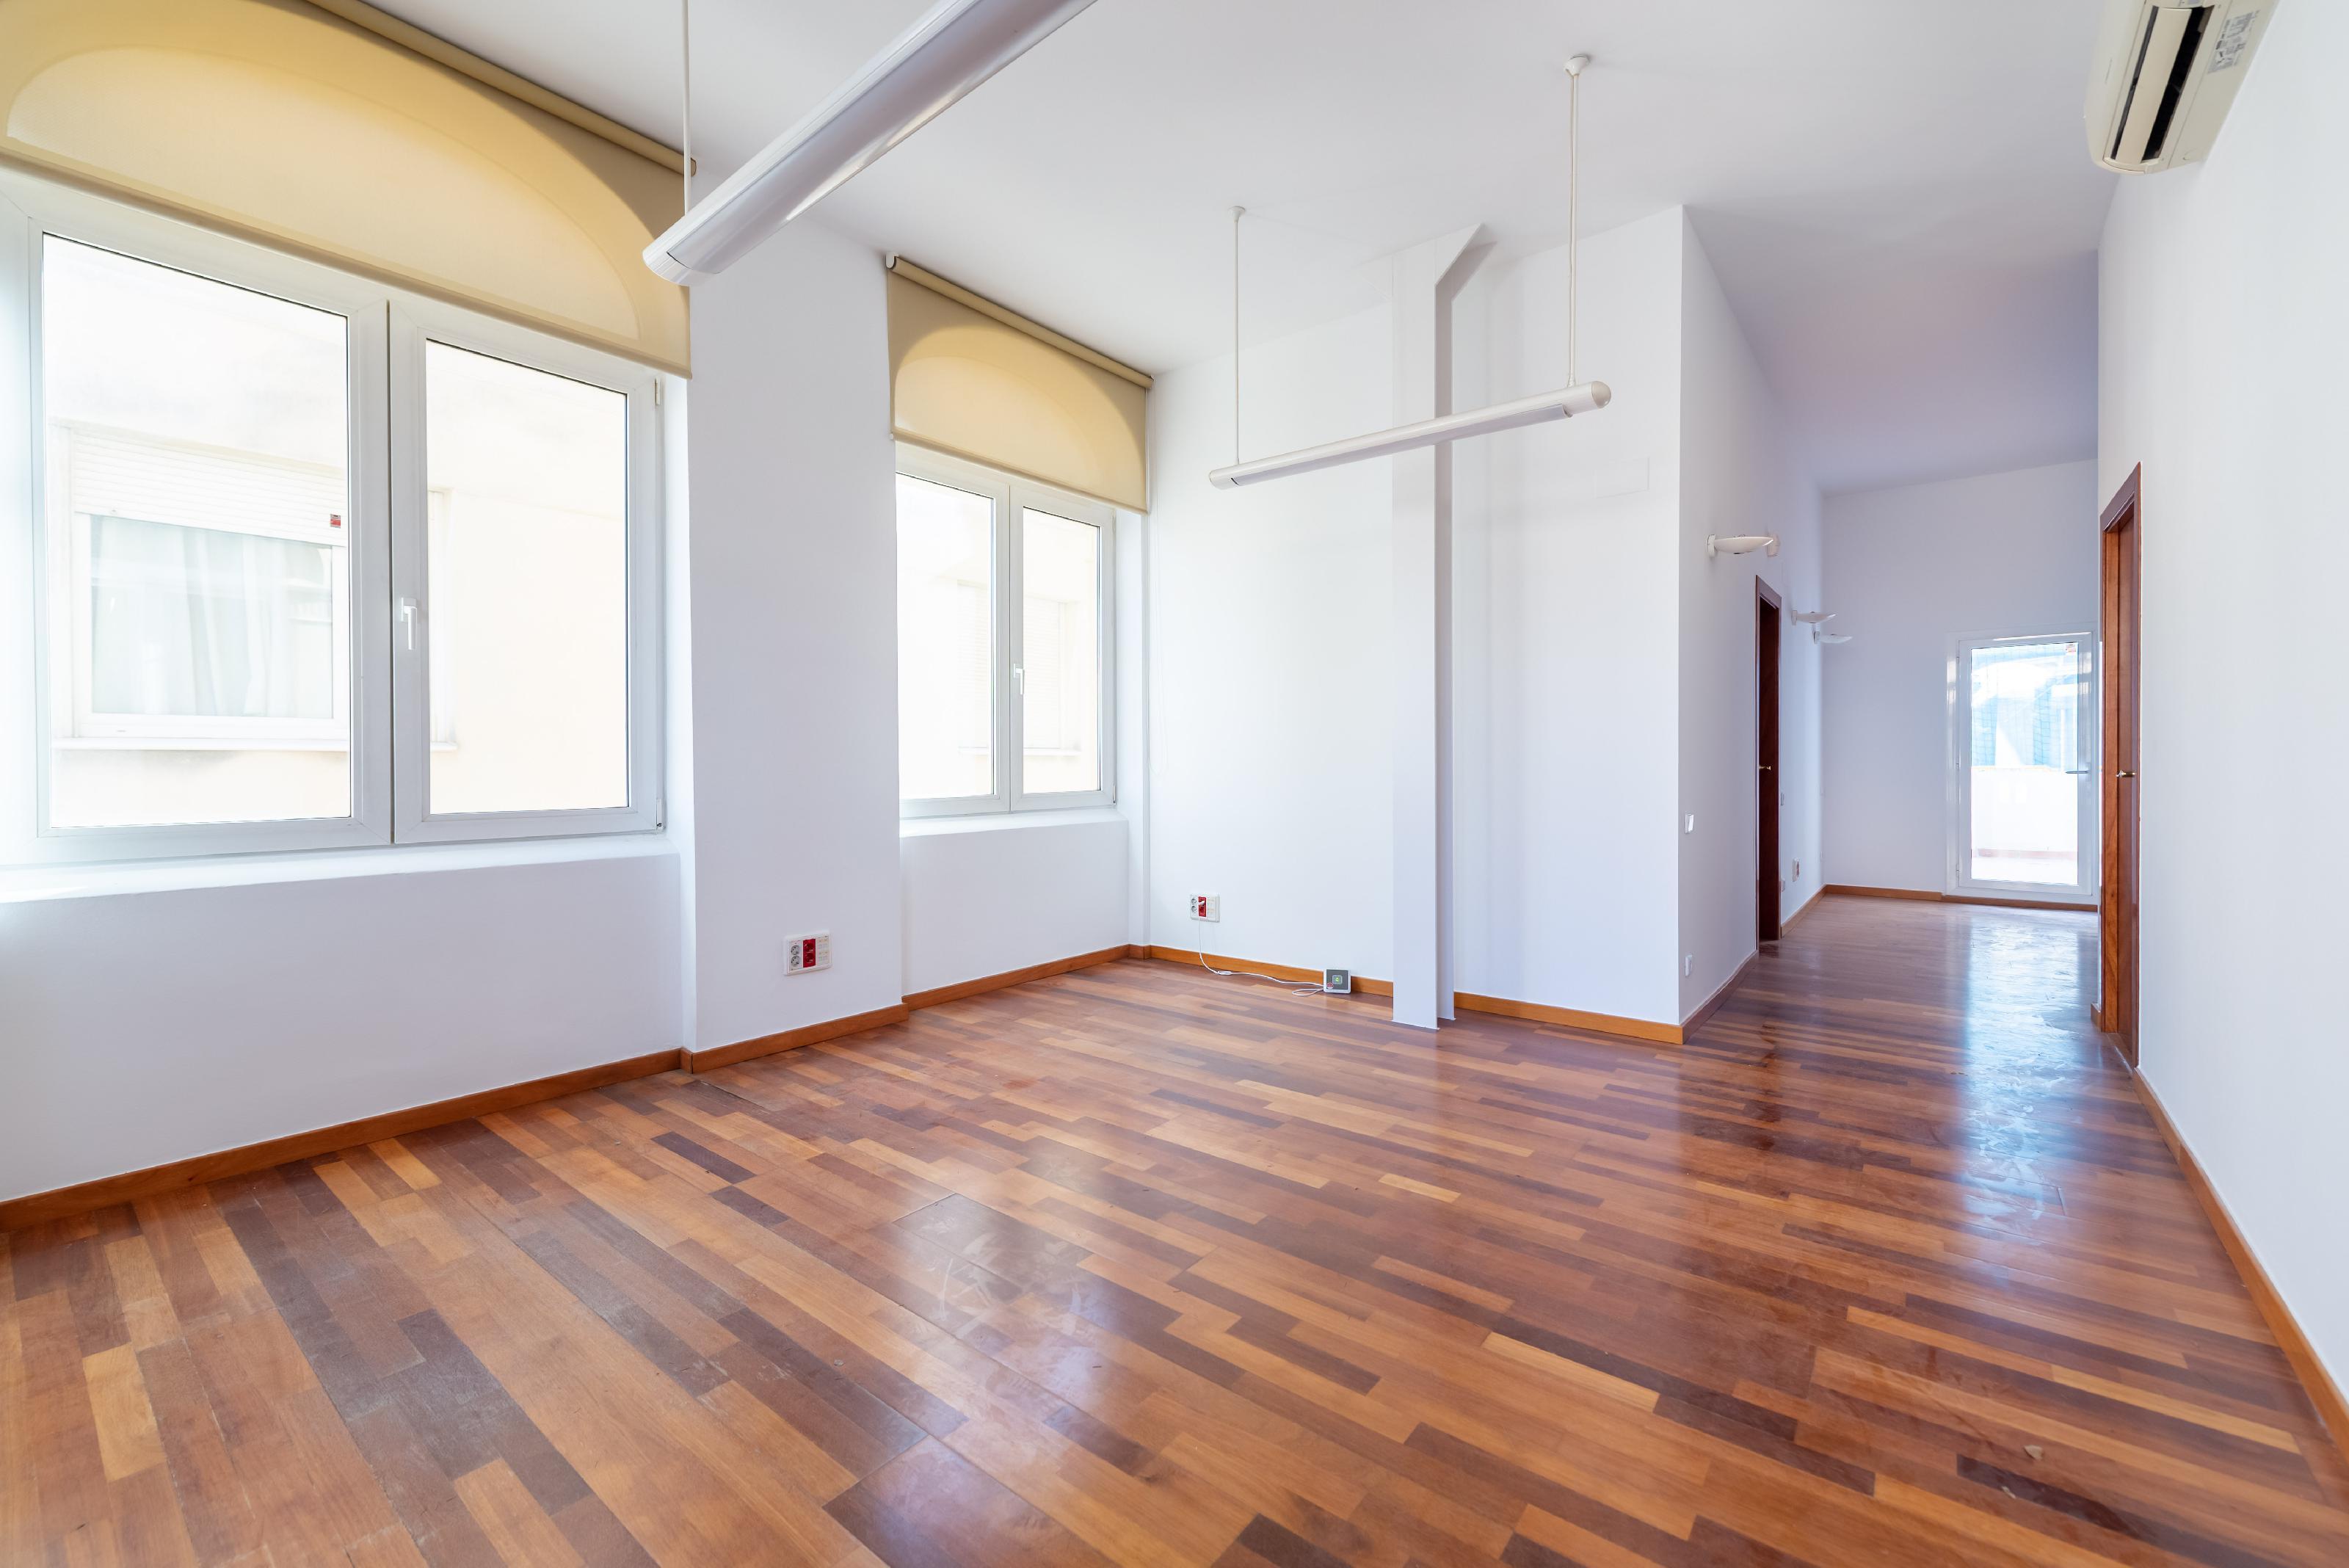 246065 Flat for sale in Sarrià-Sant Gervasi, Sarrià 3